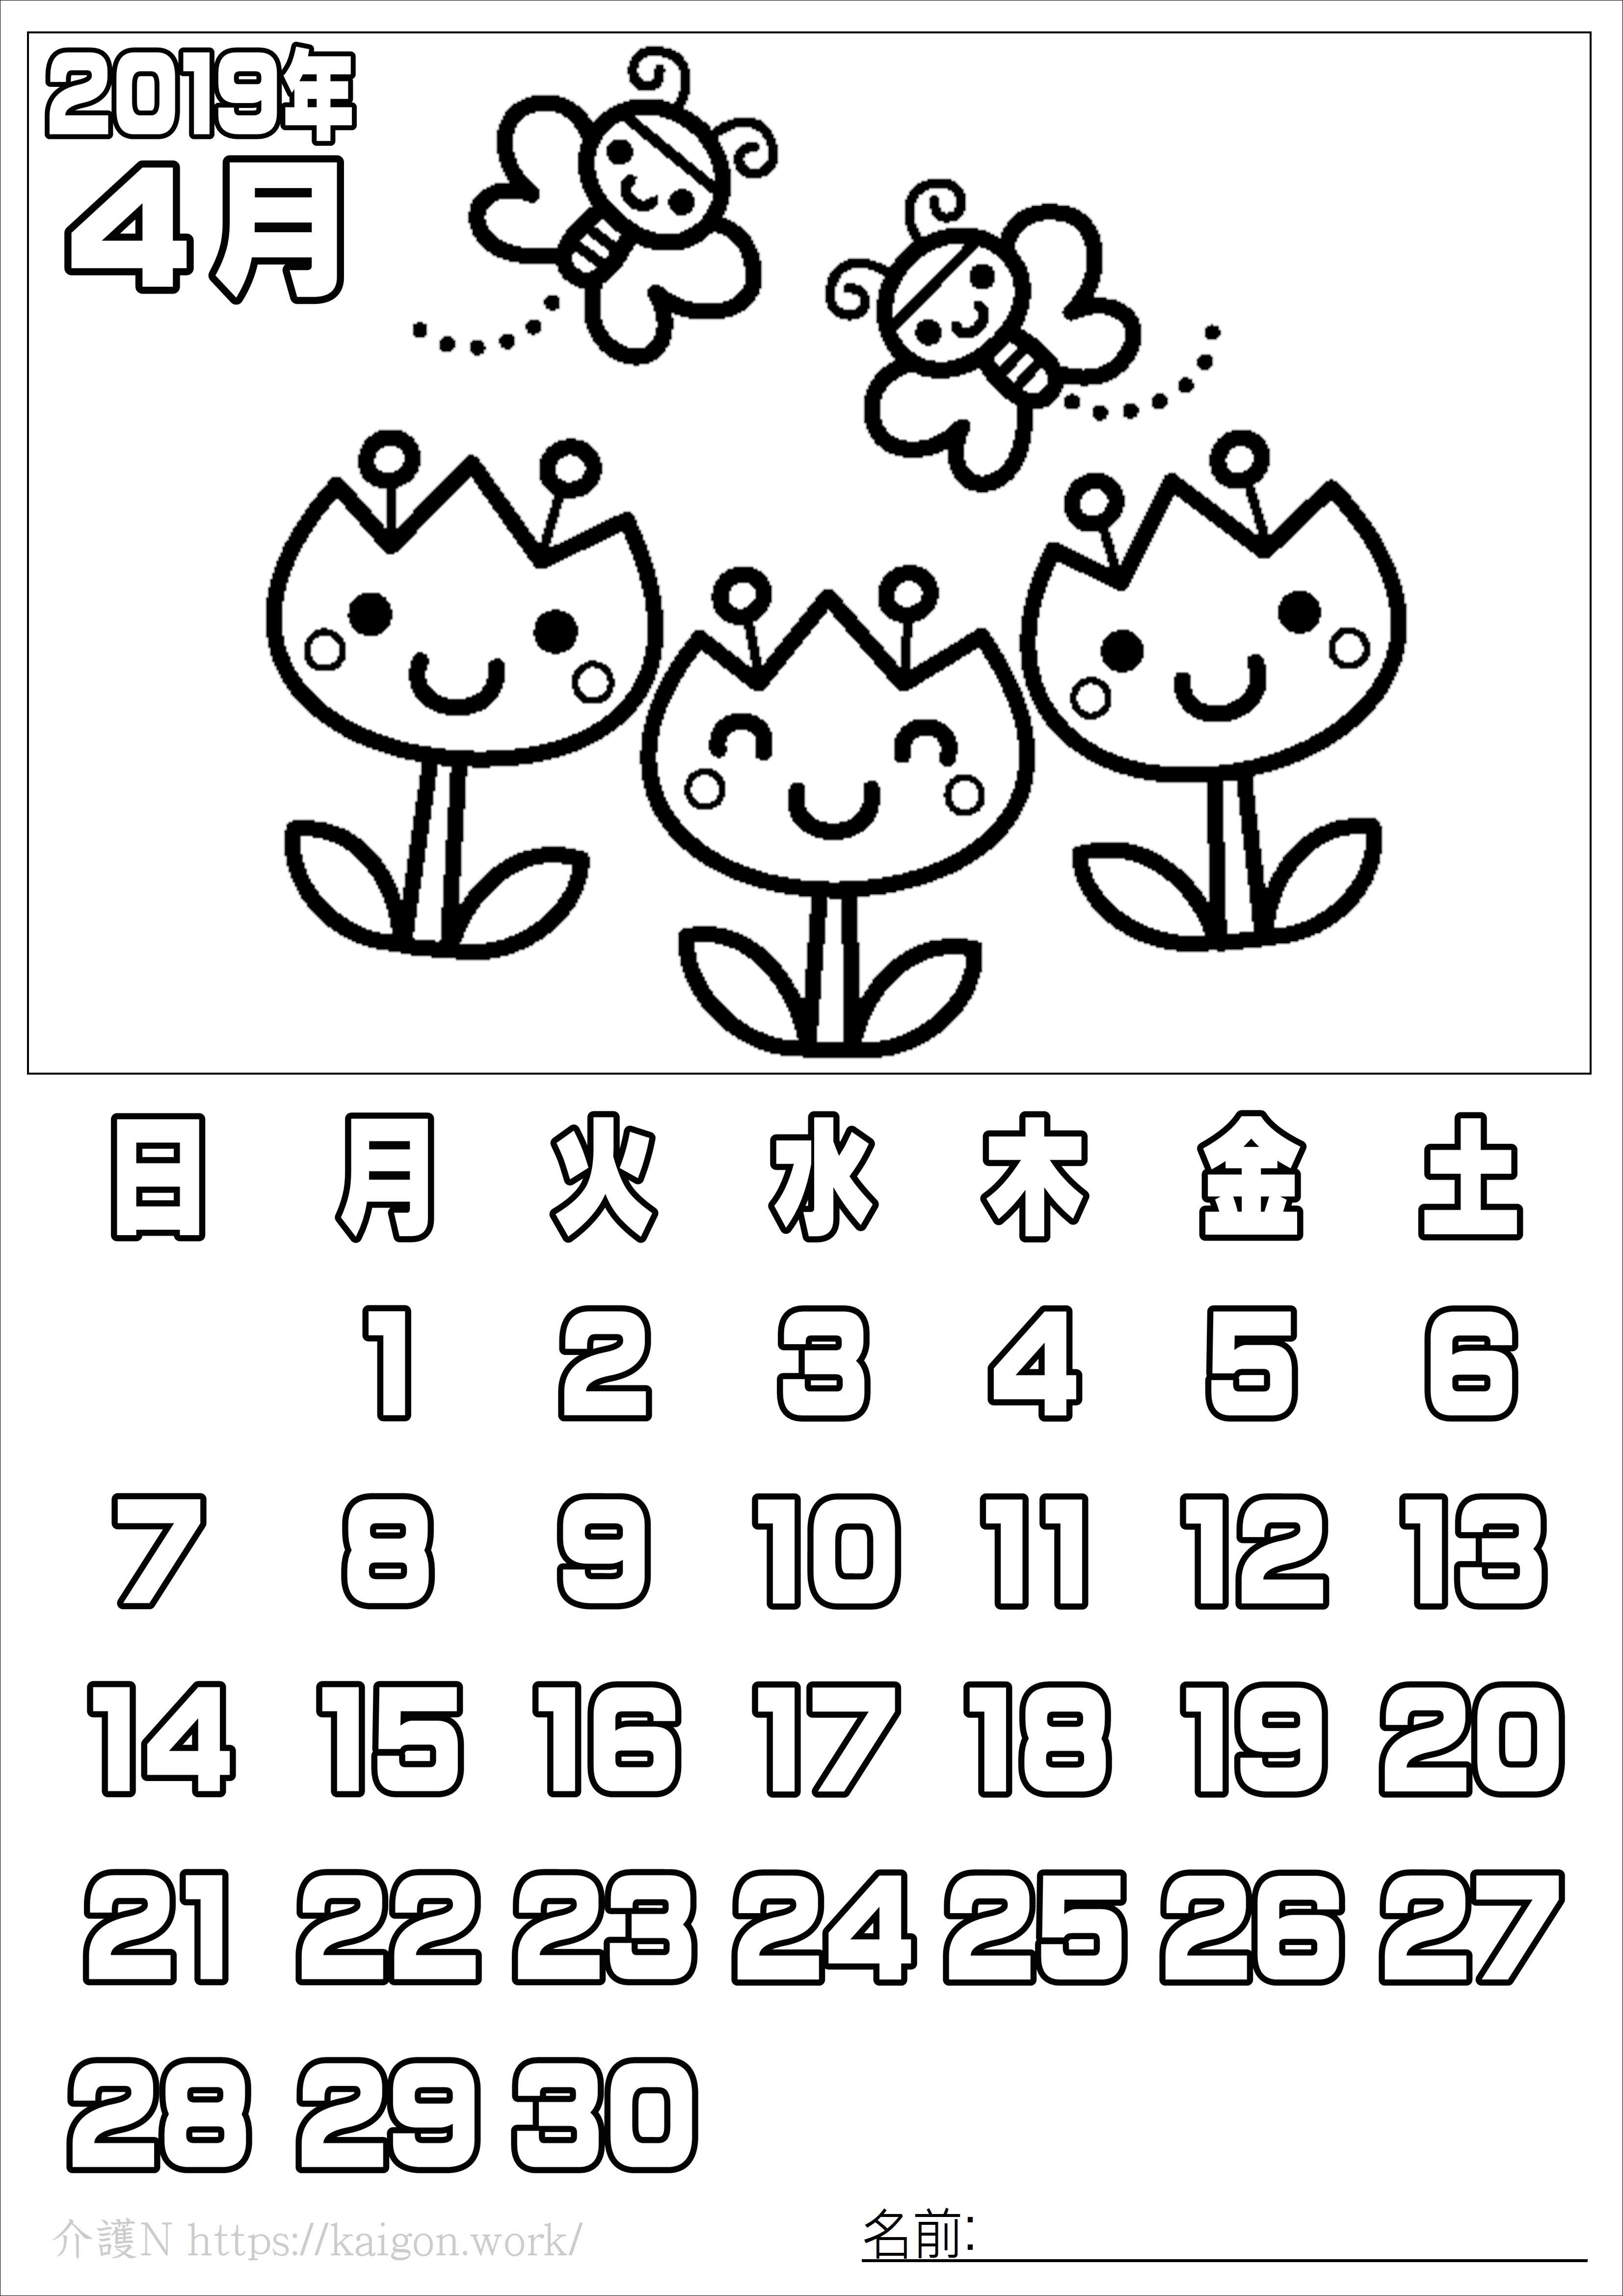 カレンダーぬり絵4月2019 無料介護n 認知症予防に脳トレ素材